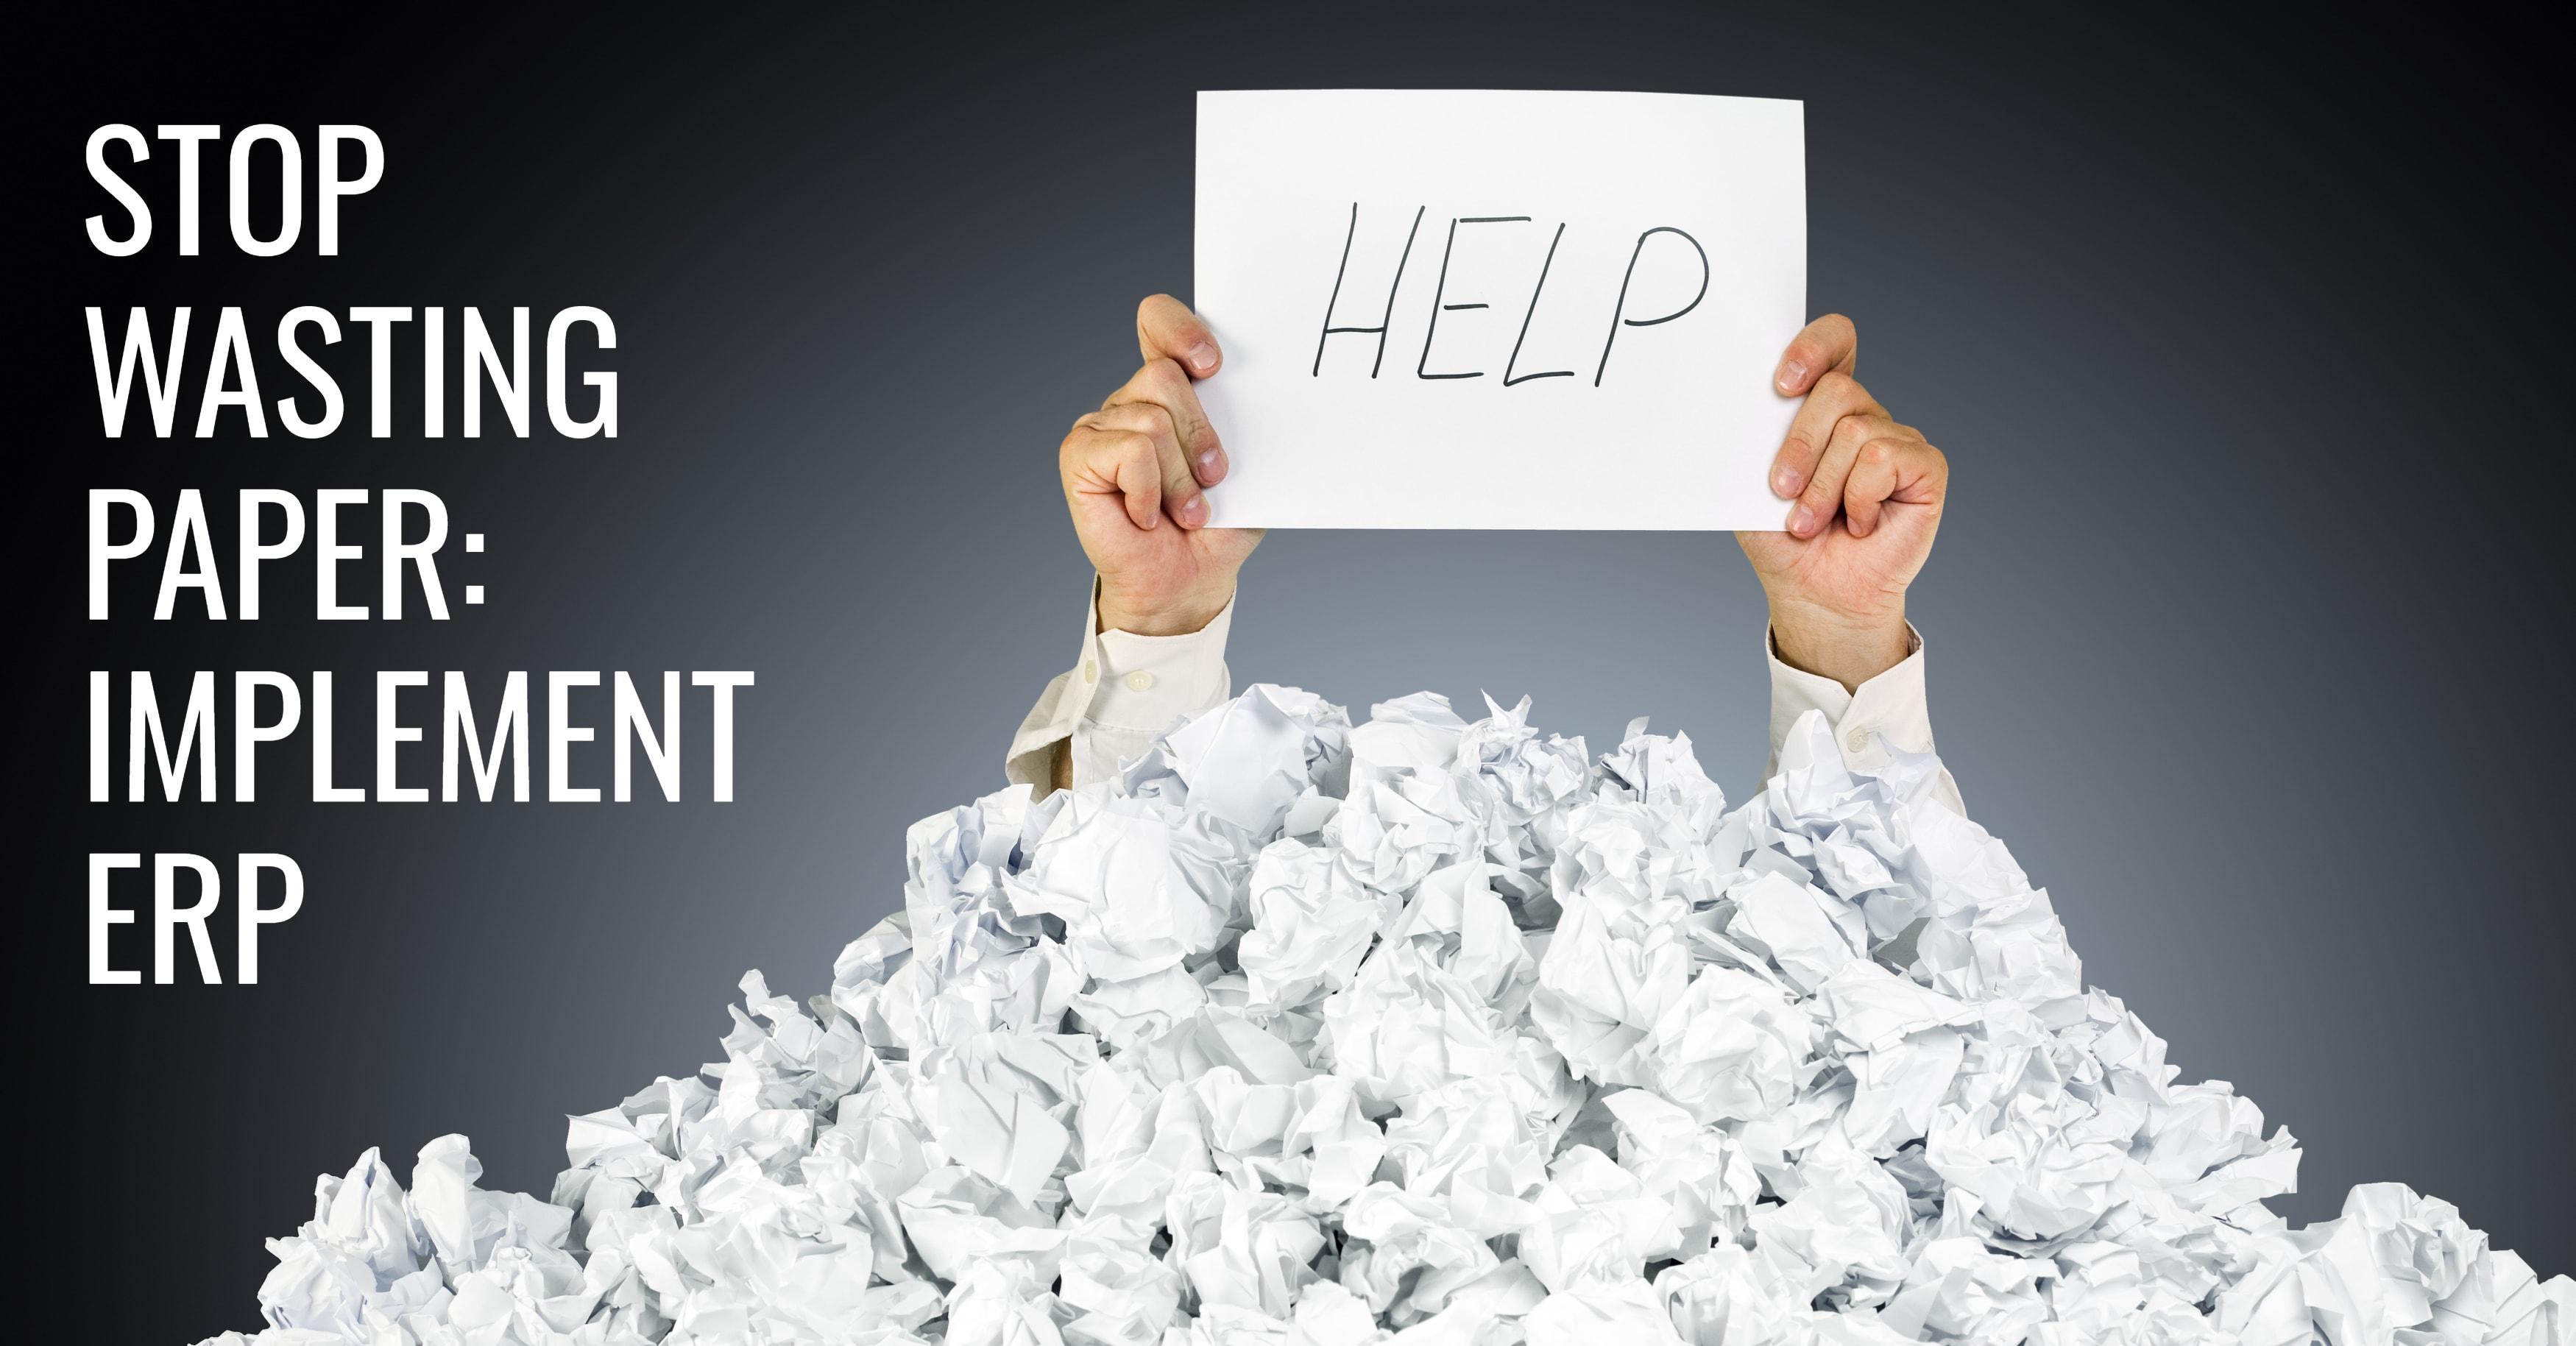 Paper Waste ERP